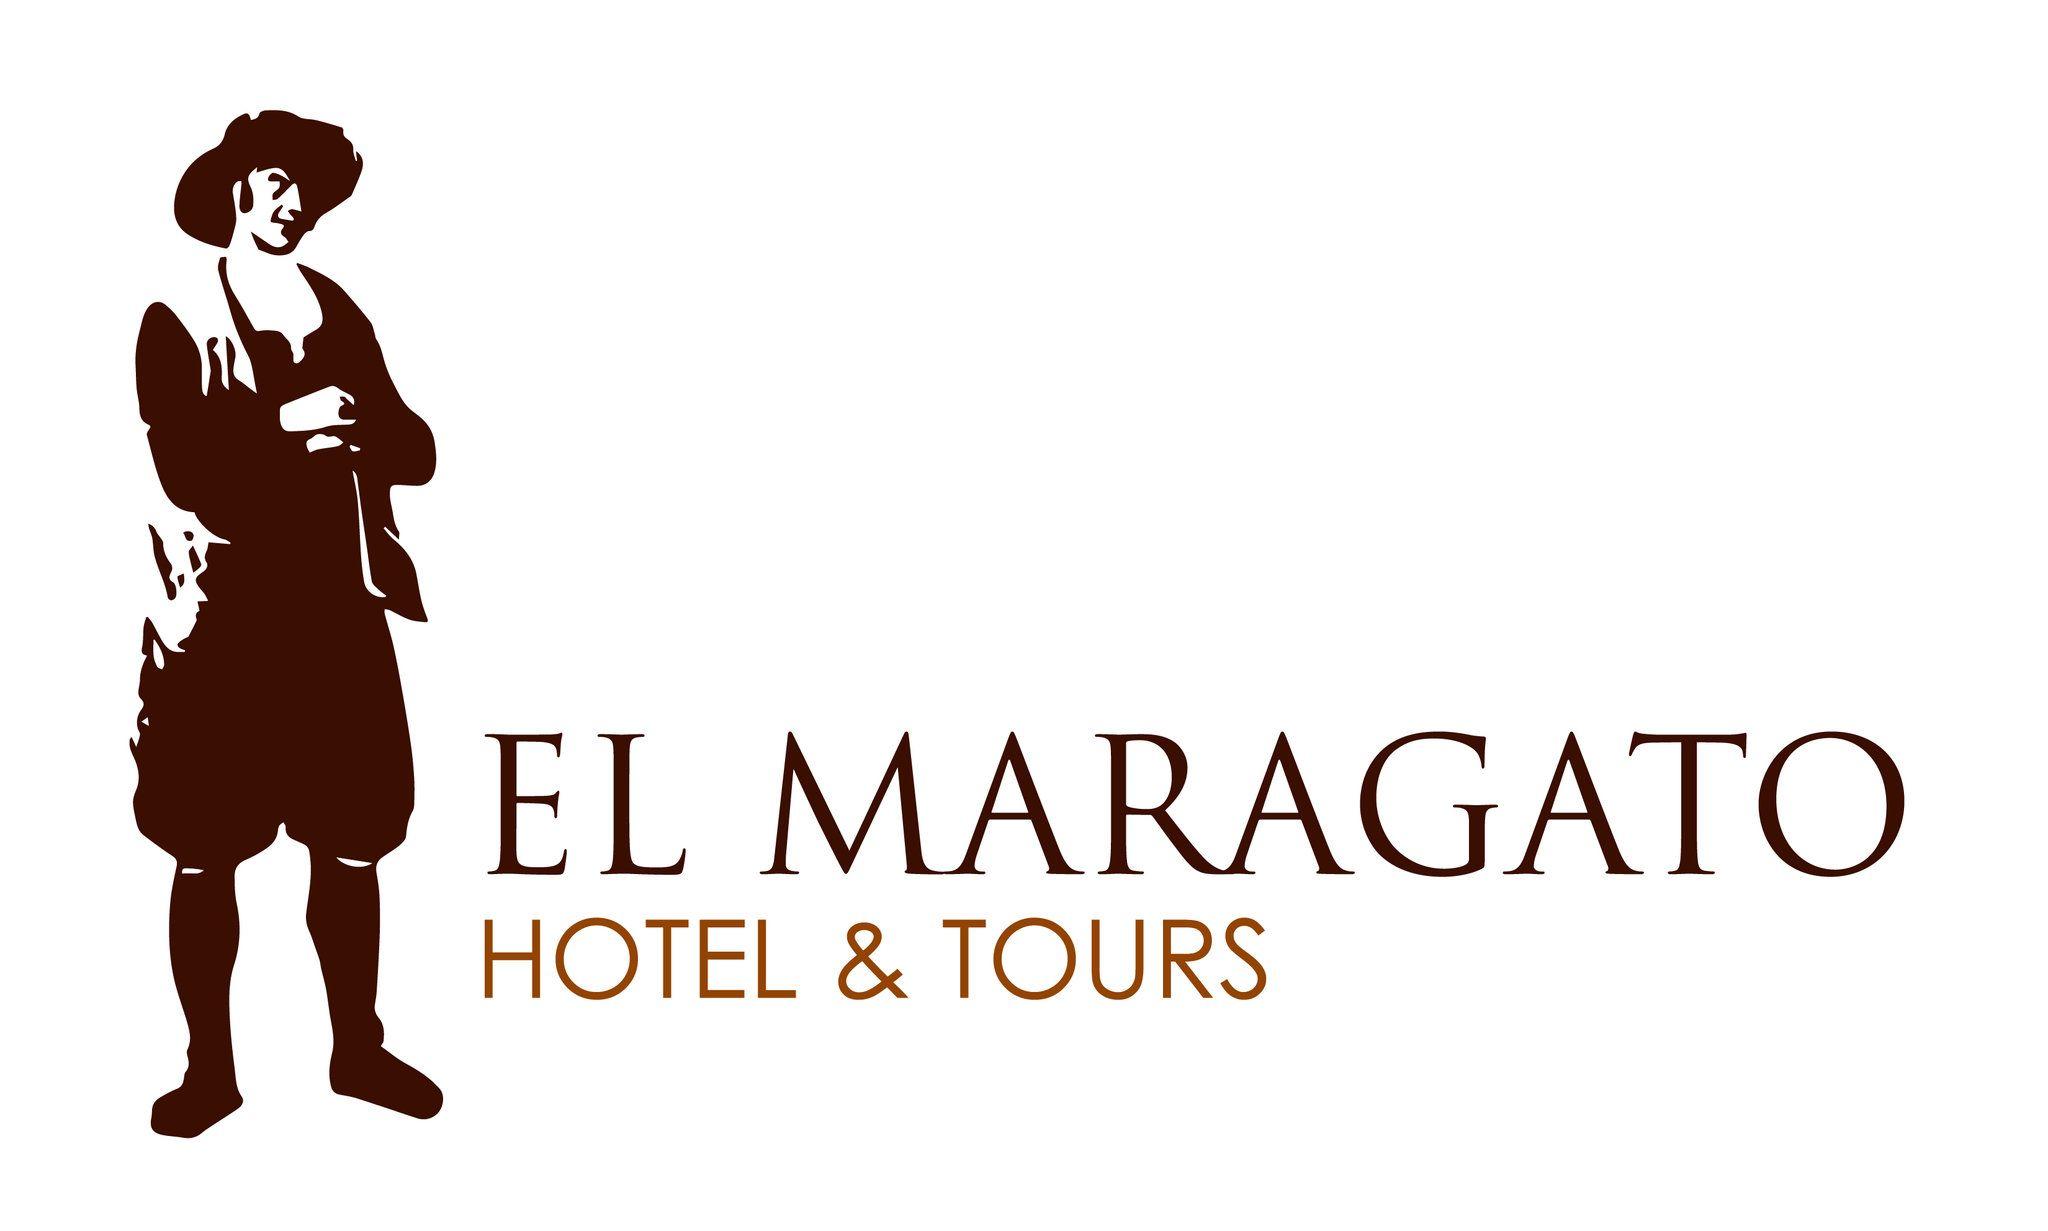 紐沃馬拉家托旅館酒店